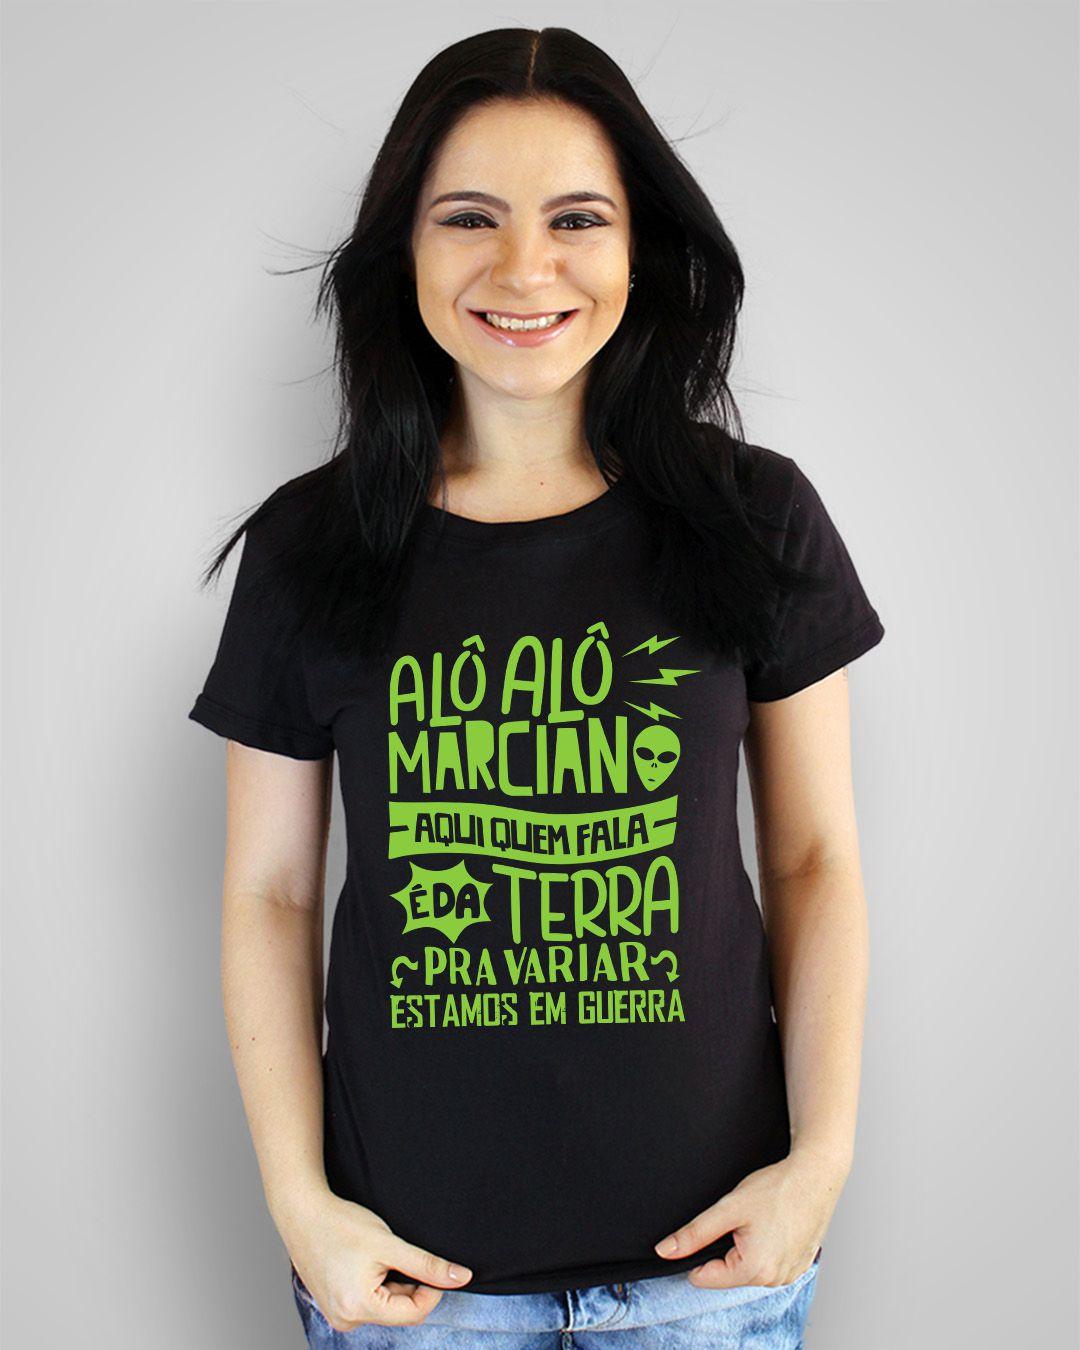 Camiseta Alô alô marciano, aqui quem fala é da terra... - Elis Regina